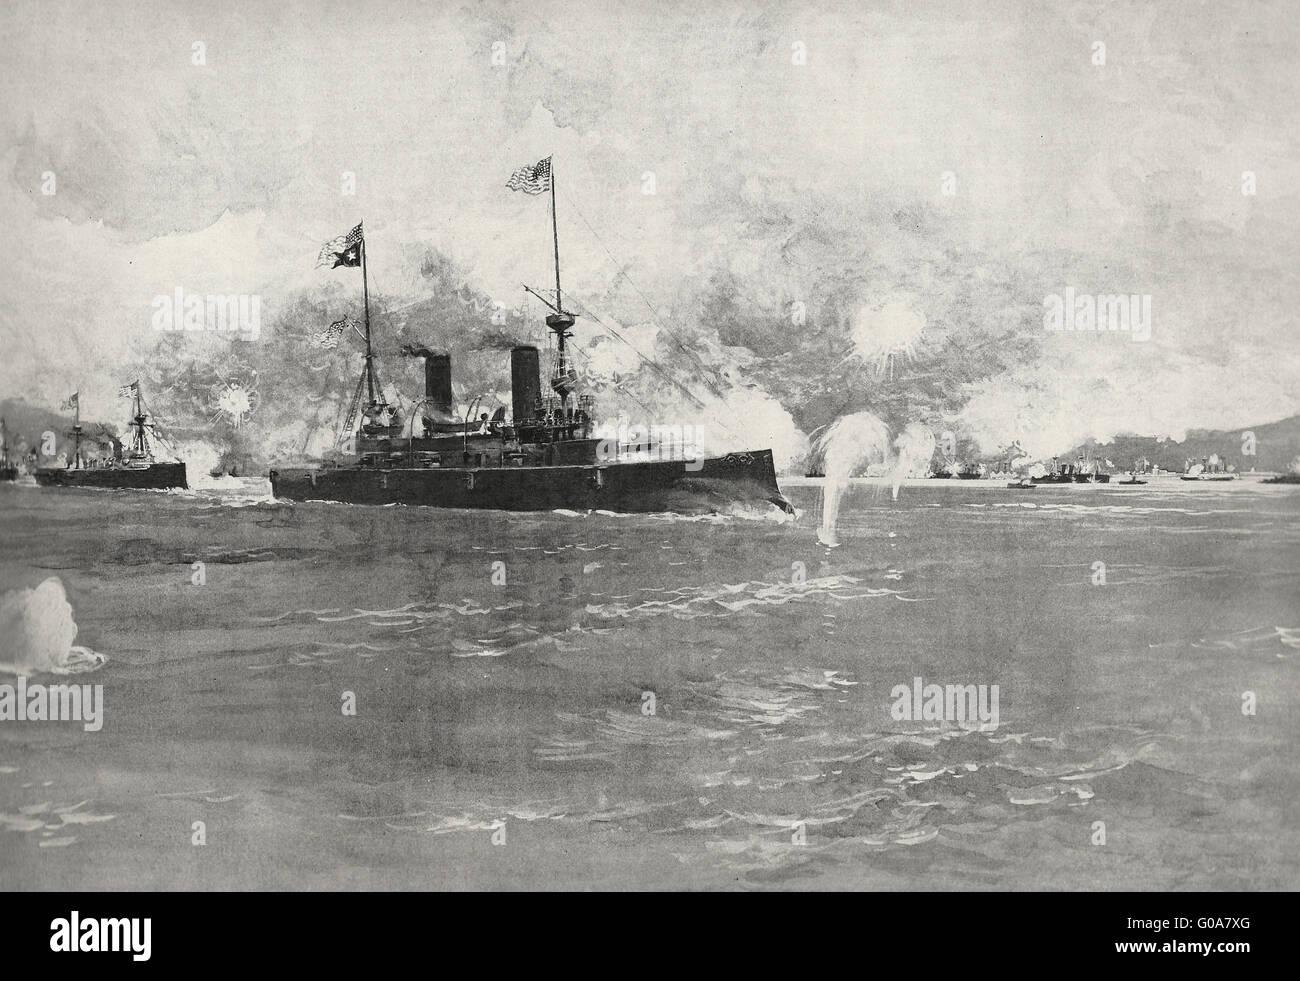 La bataille de Manille - l'Escadre de l'amiral Dewey se balançant autour de l'Ellipse, au cours Photo Stock